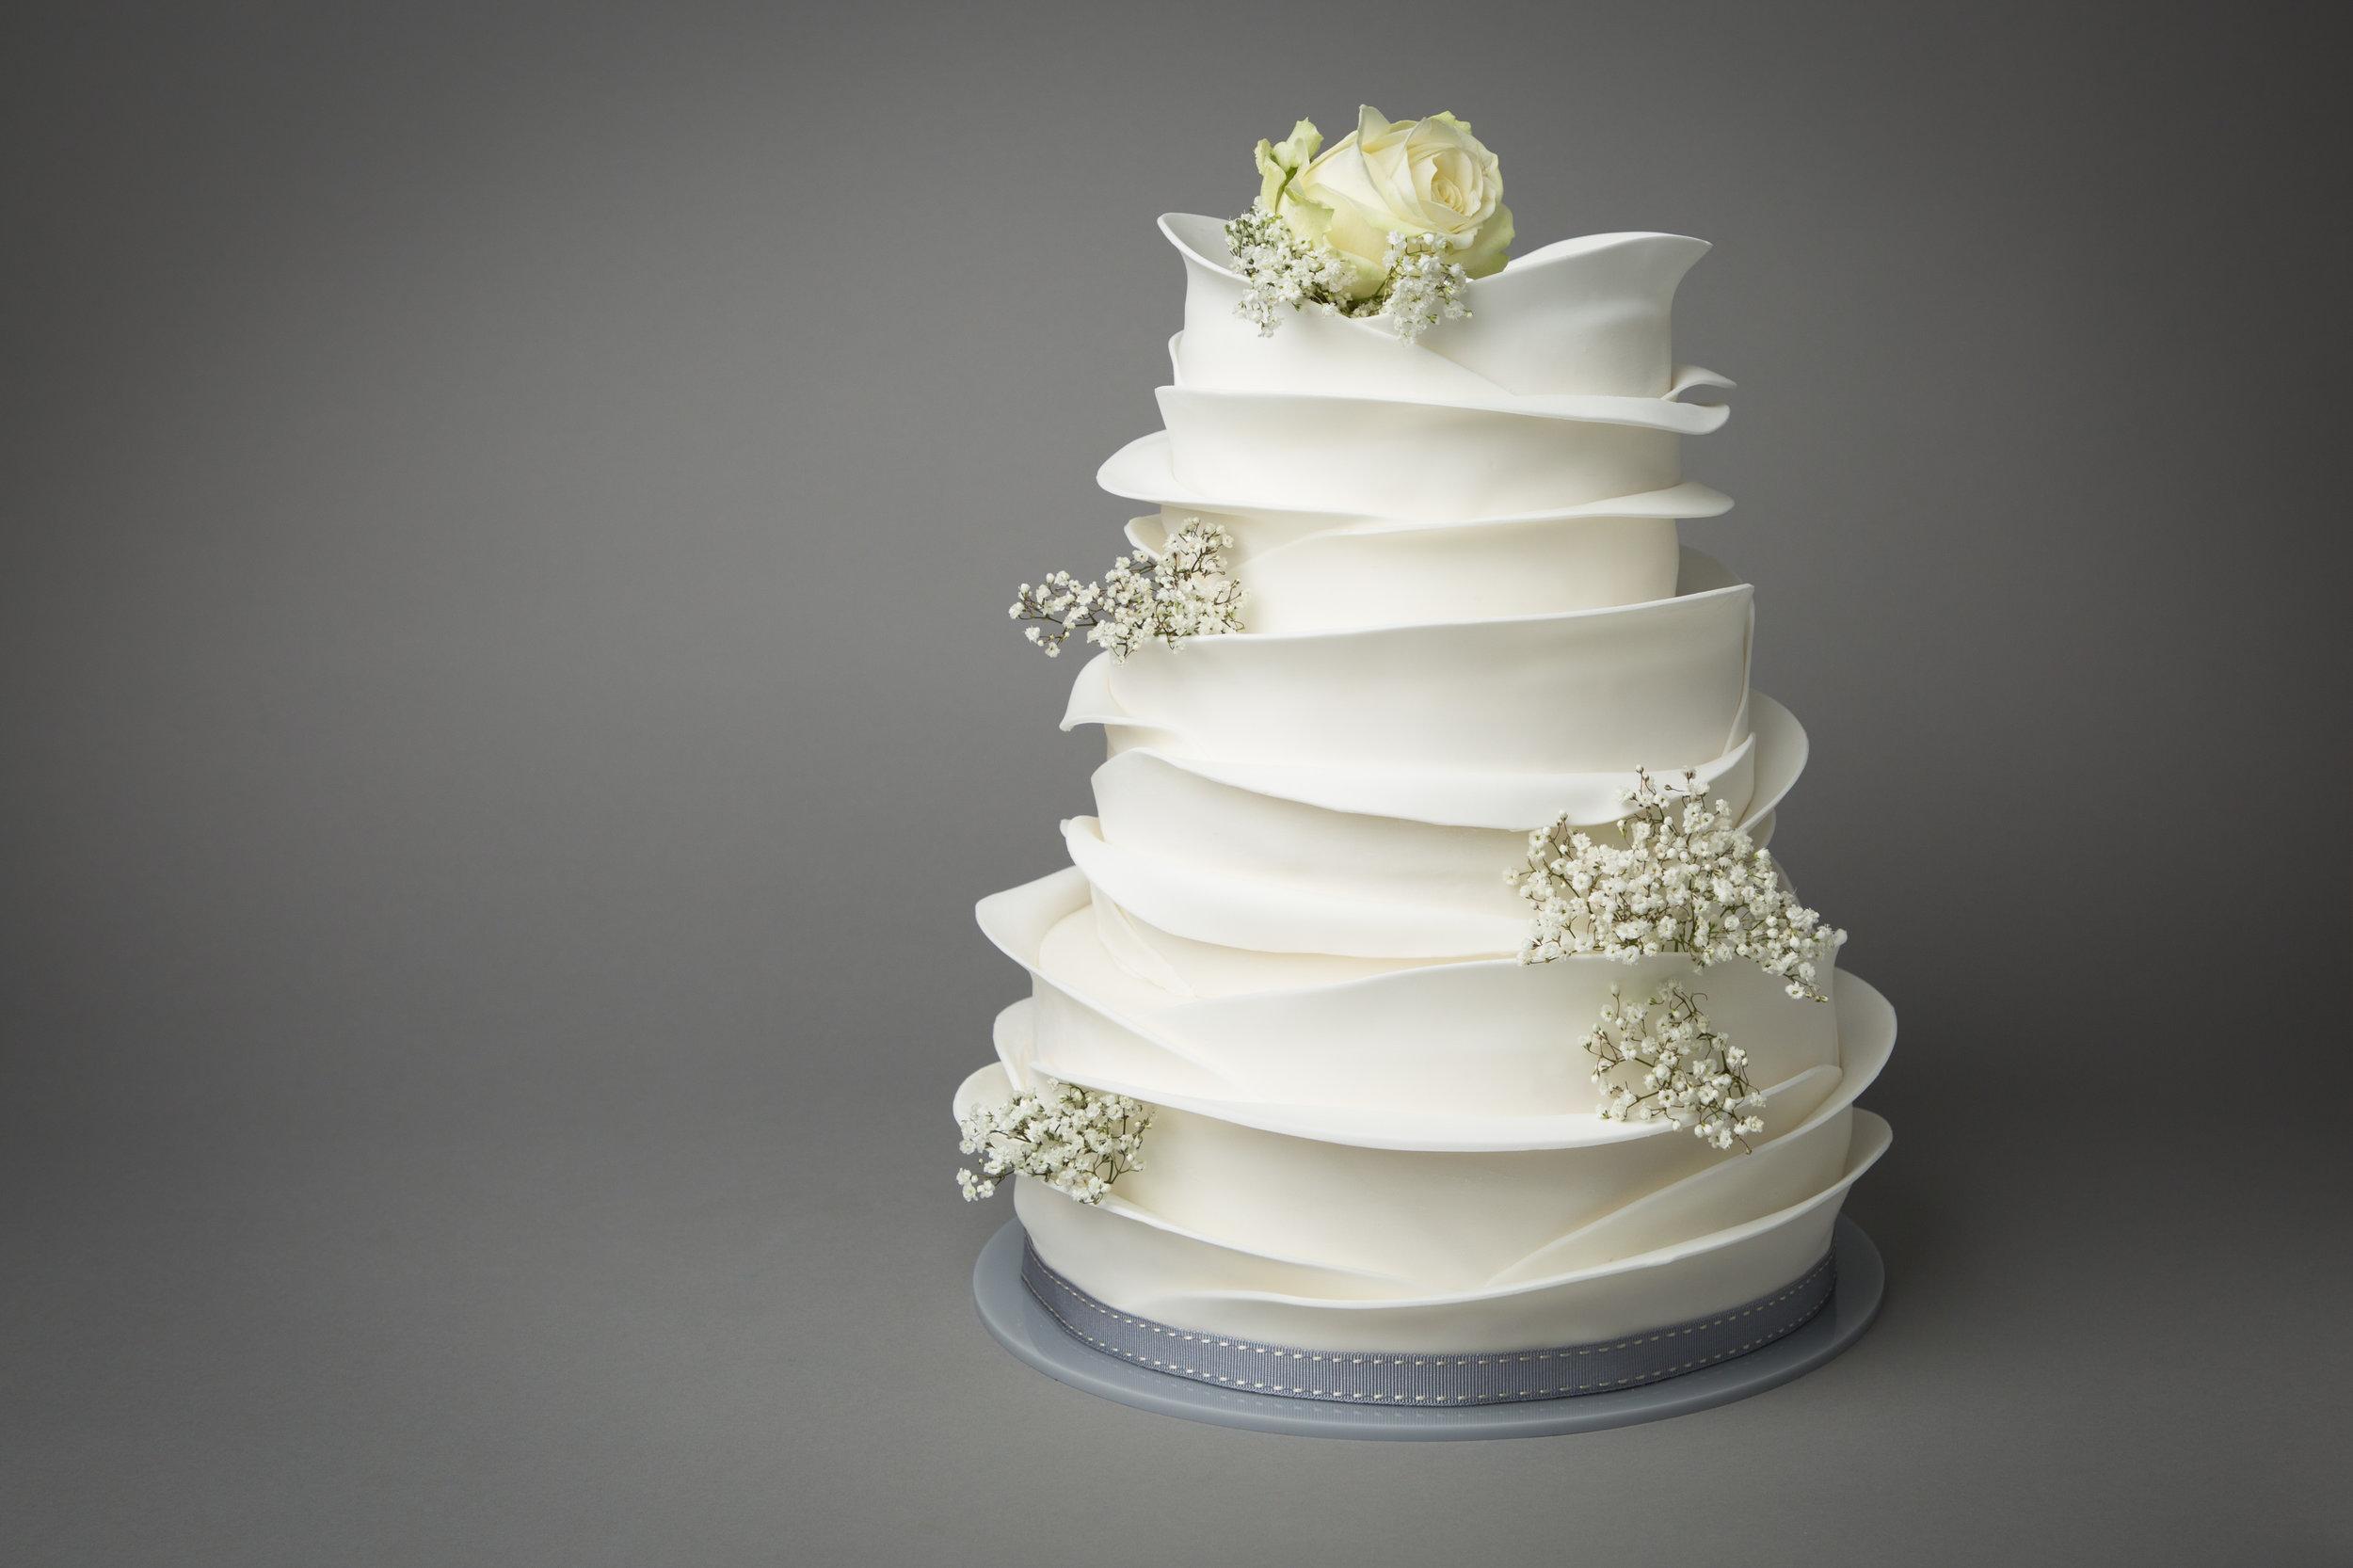 Holly Clarke Cake Design 3203-027.jpg